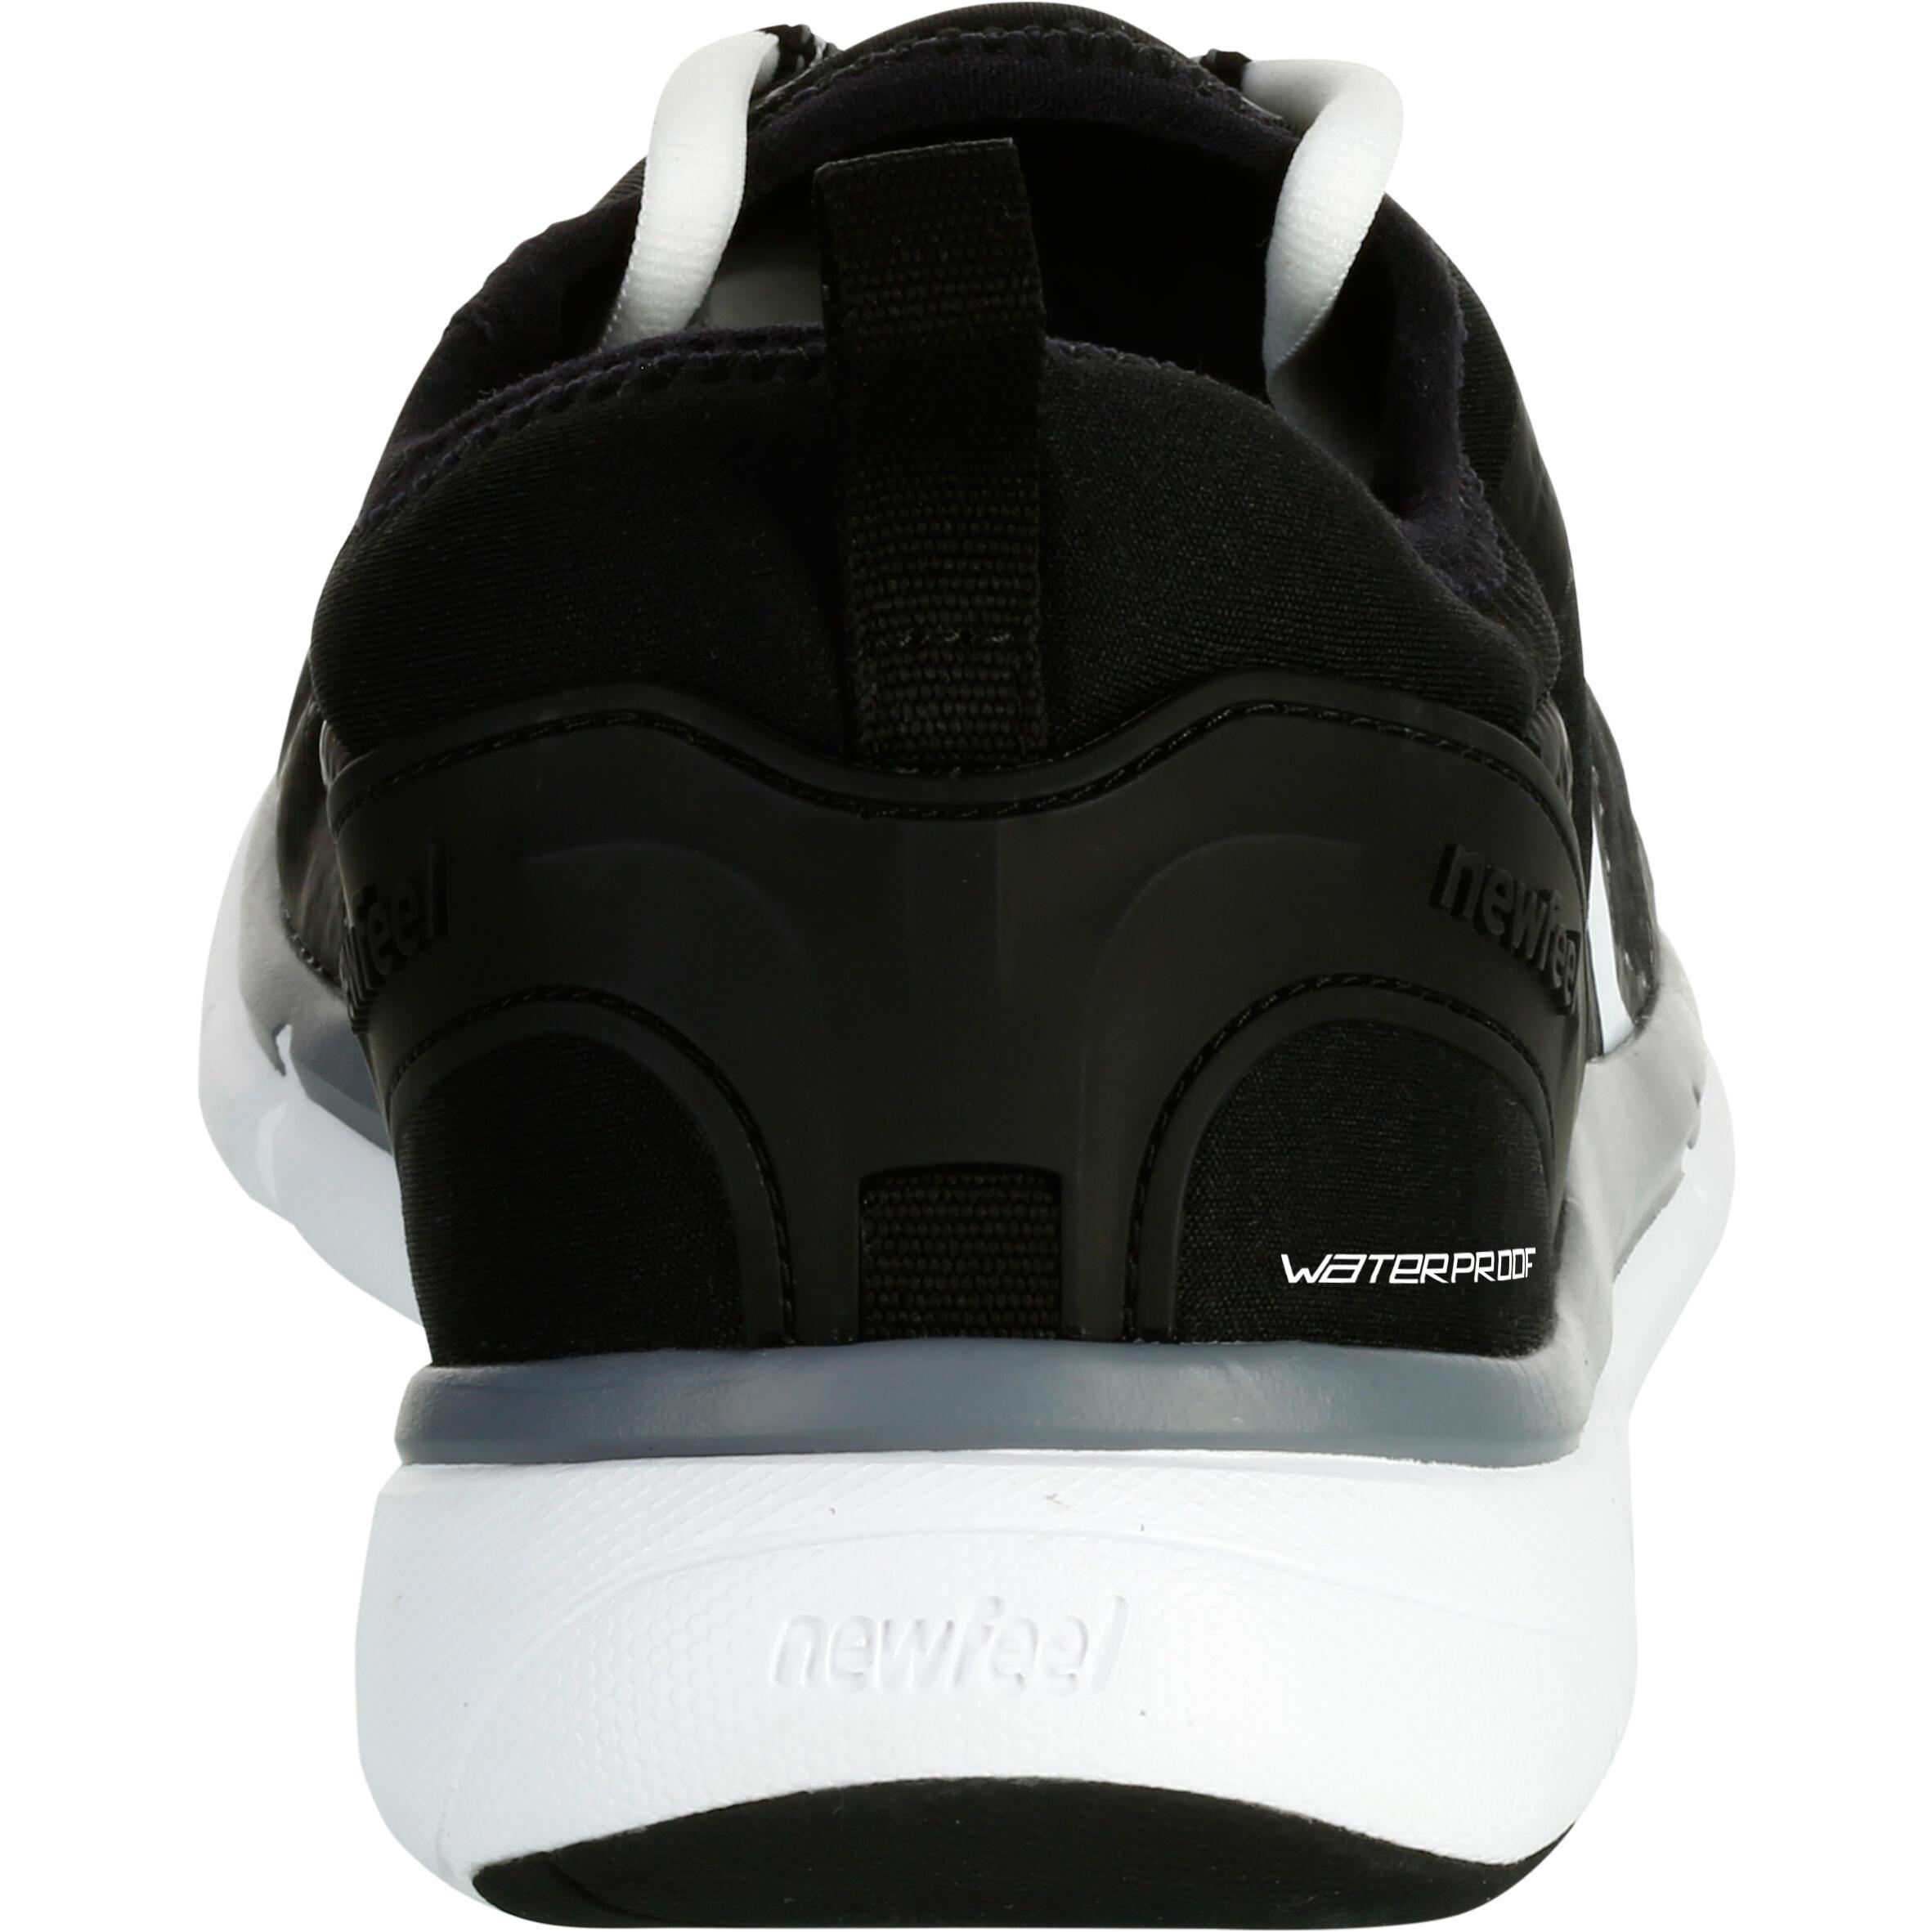 Walking Shoes for men waterproof PW 580 - Black